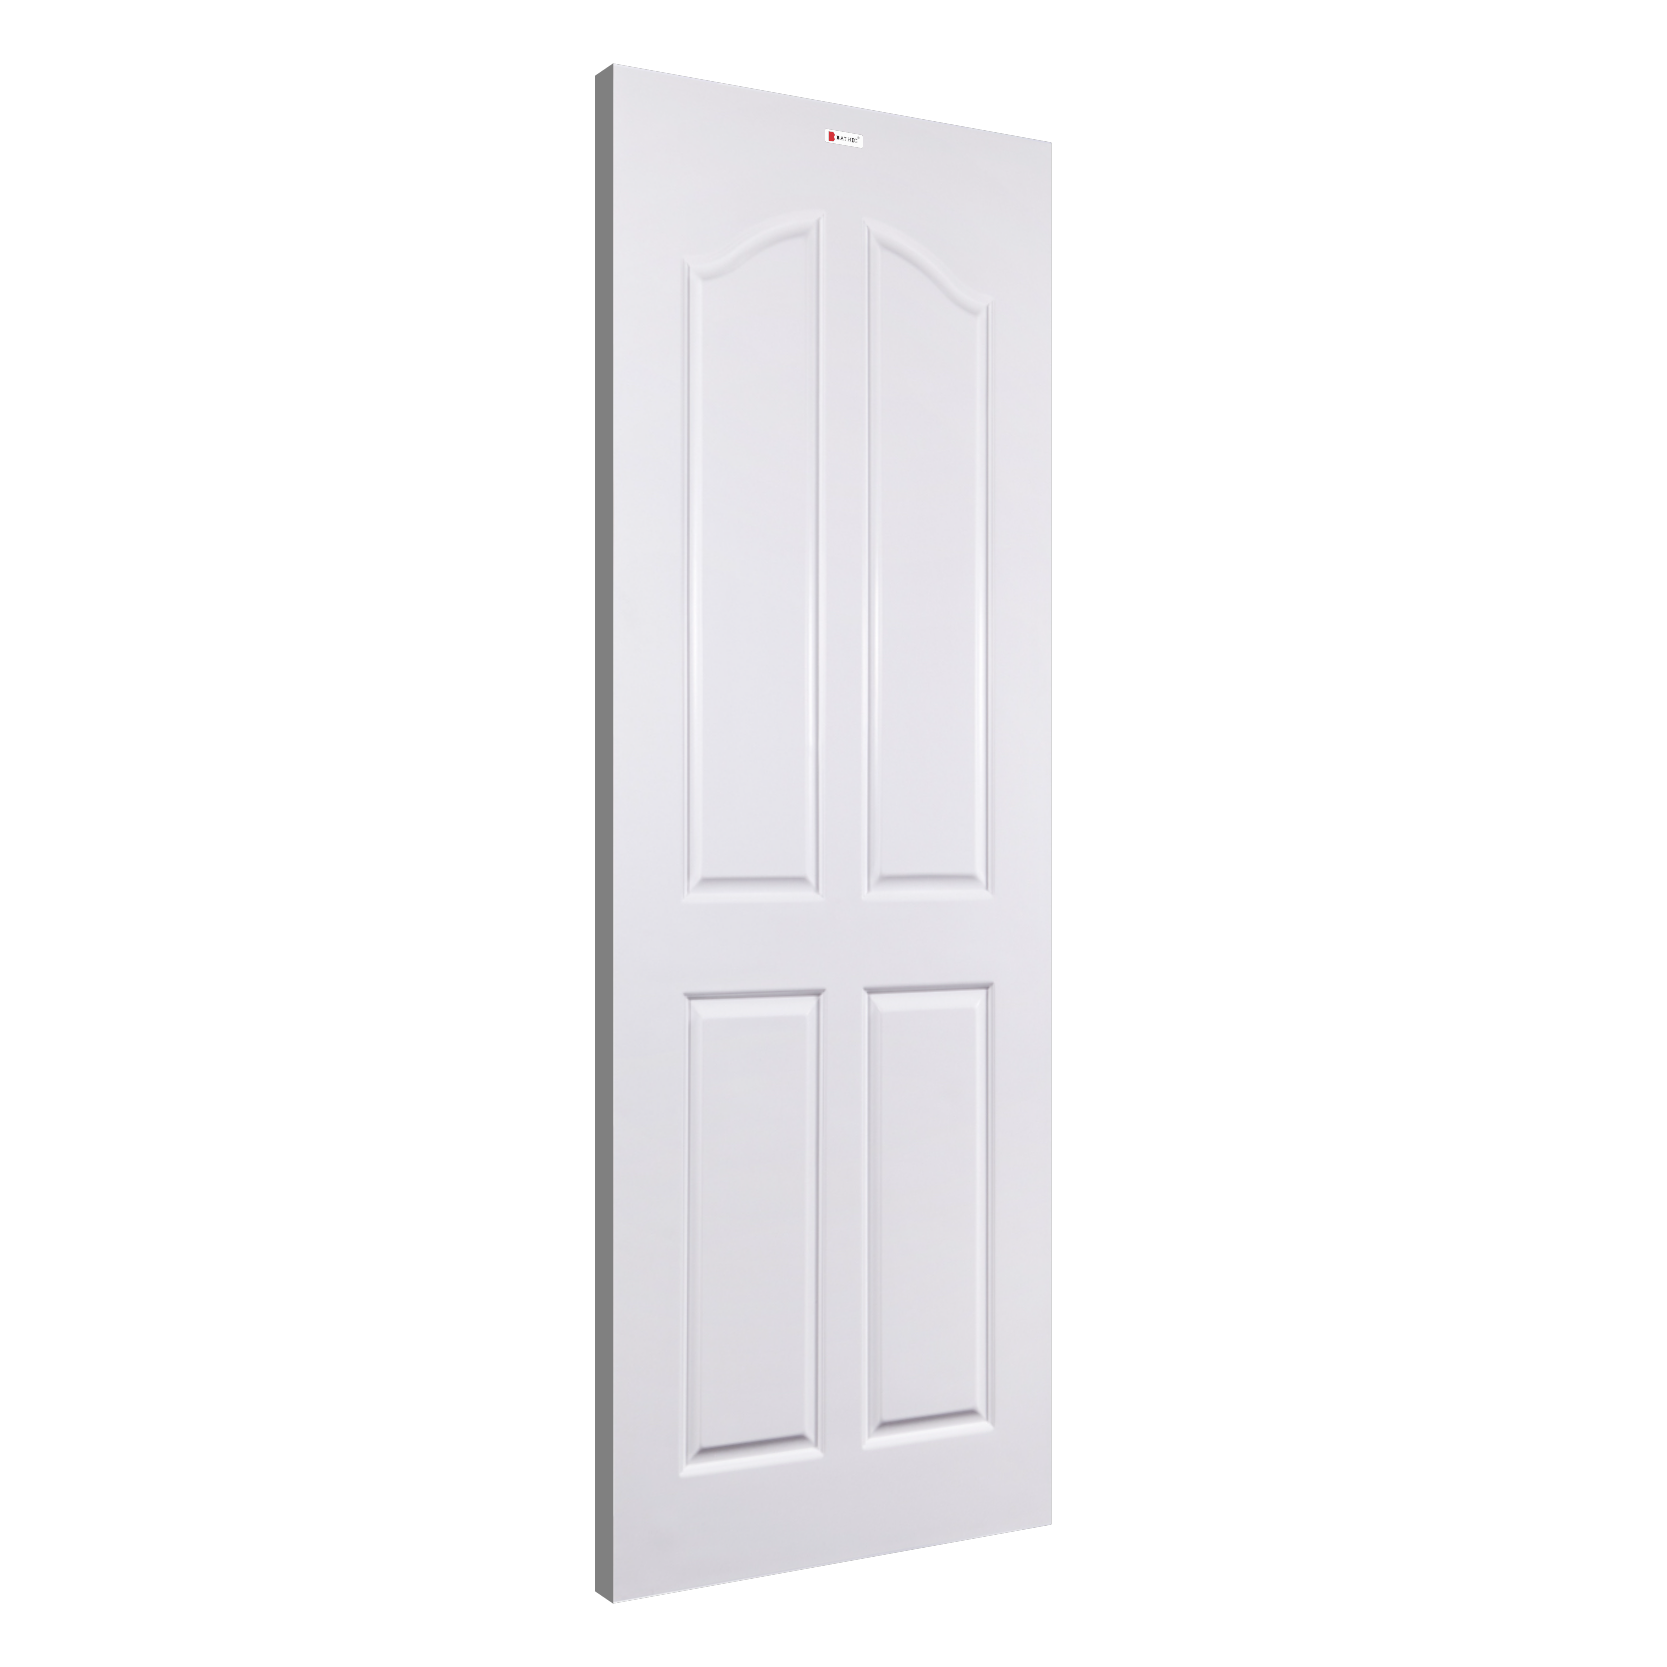 door-upvc-bathic-btb05-white-3